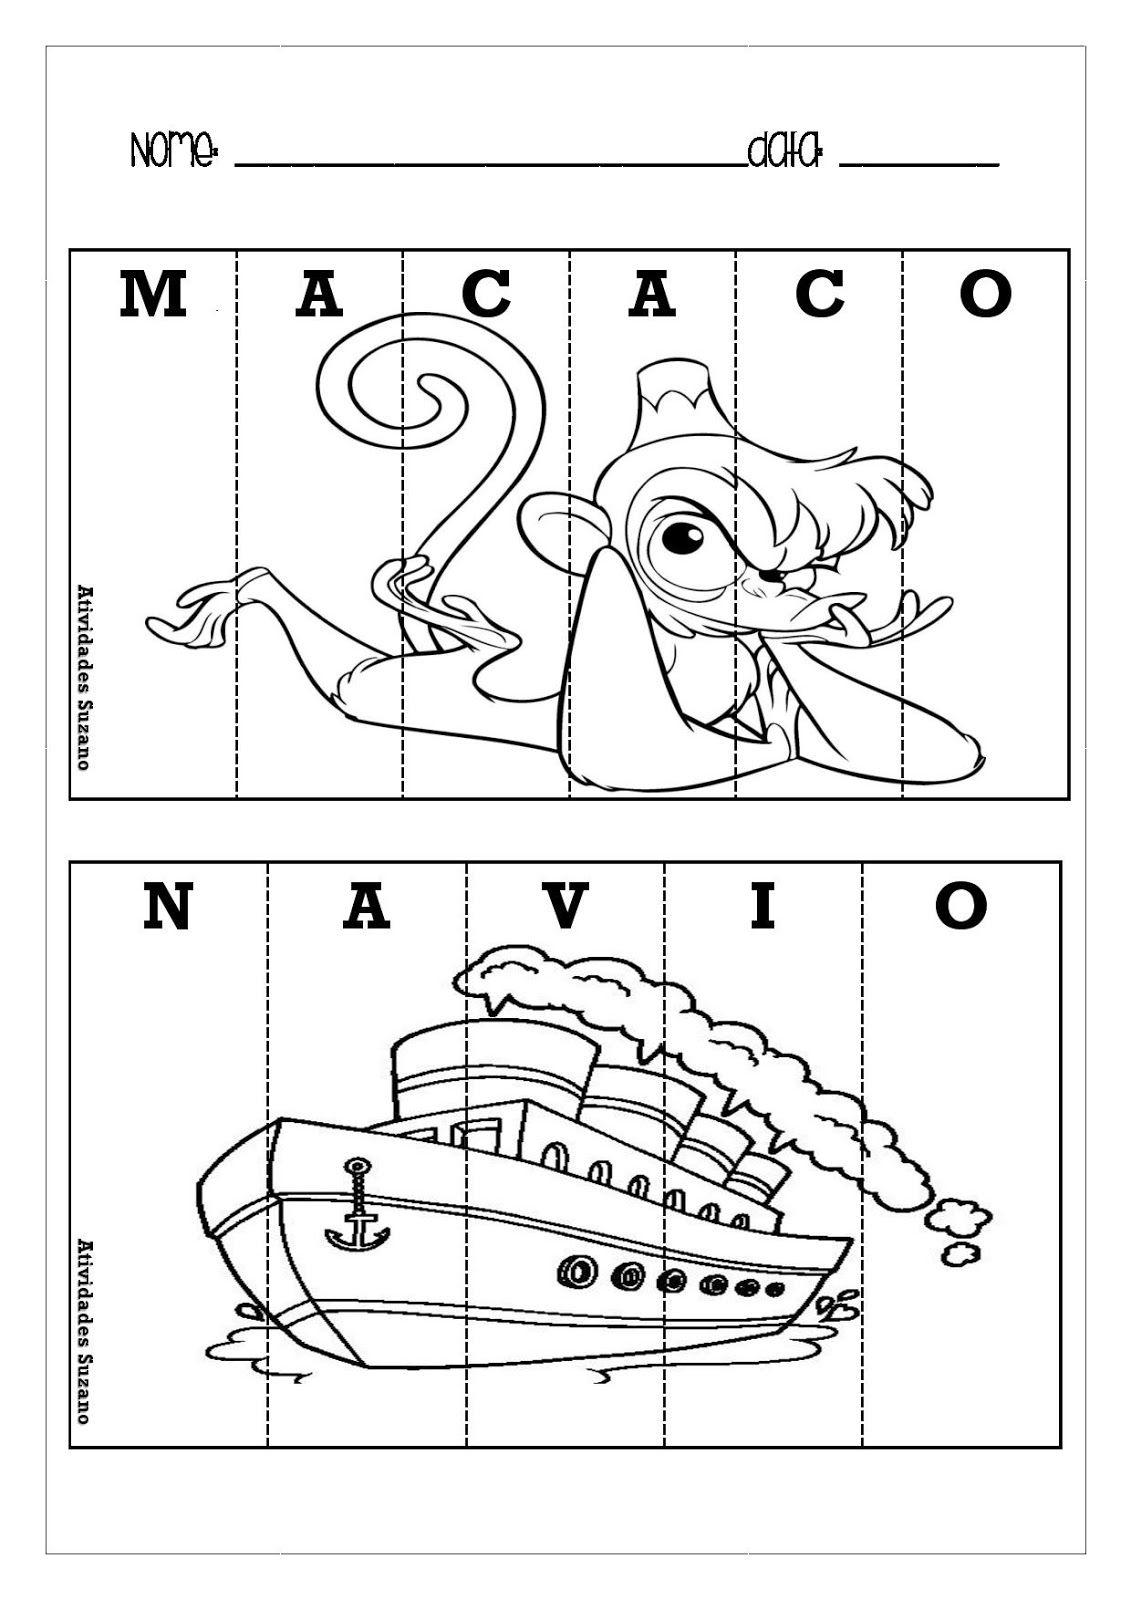 Alfabetizacaoletraq Kids Learn Letters